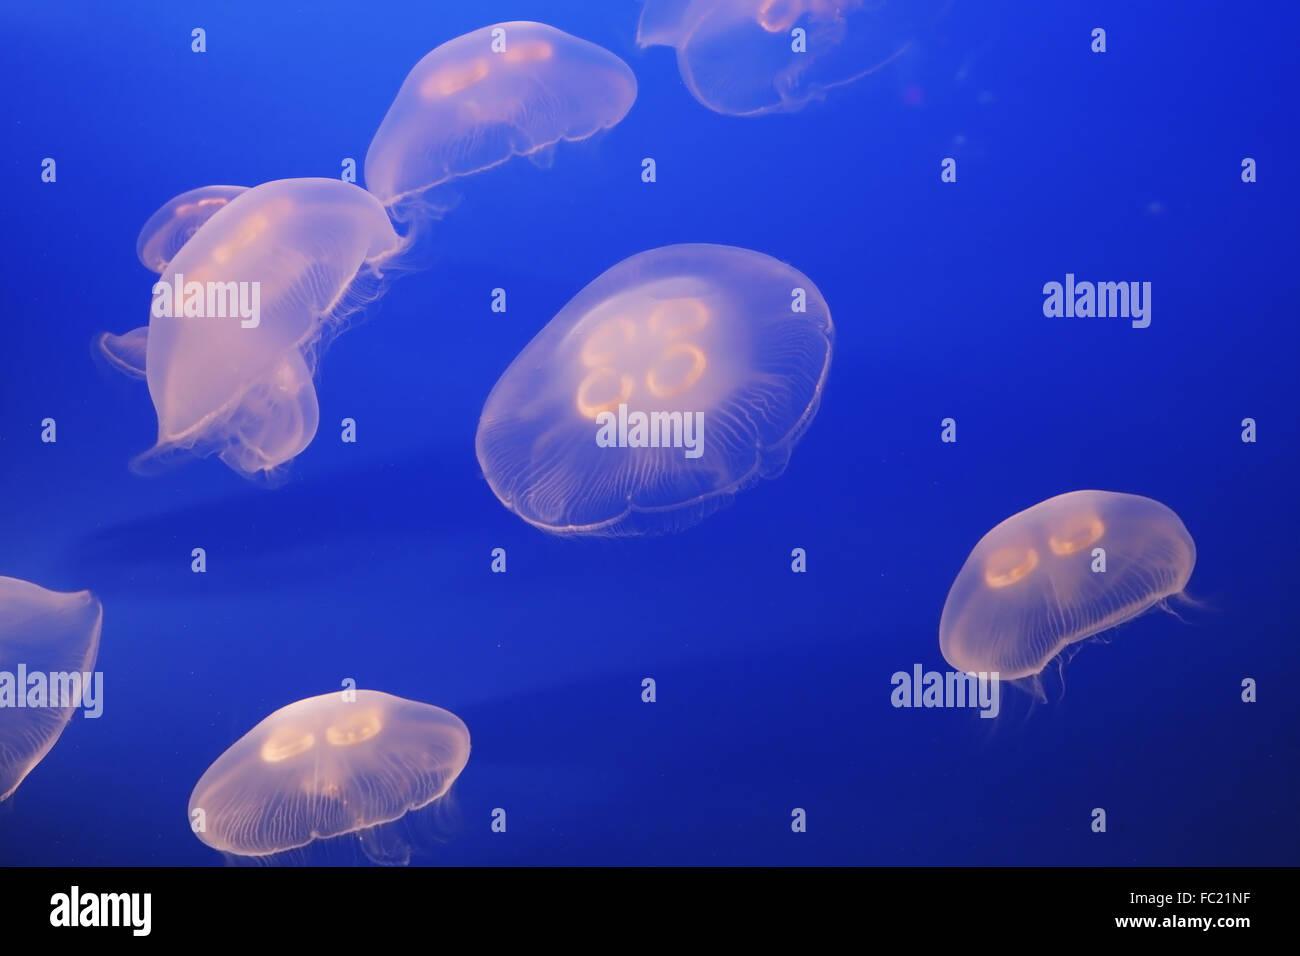 Piccolo bianco traslucido medusa Immagini Stock